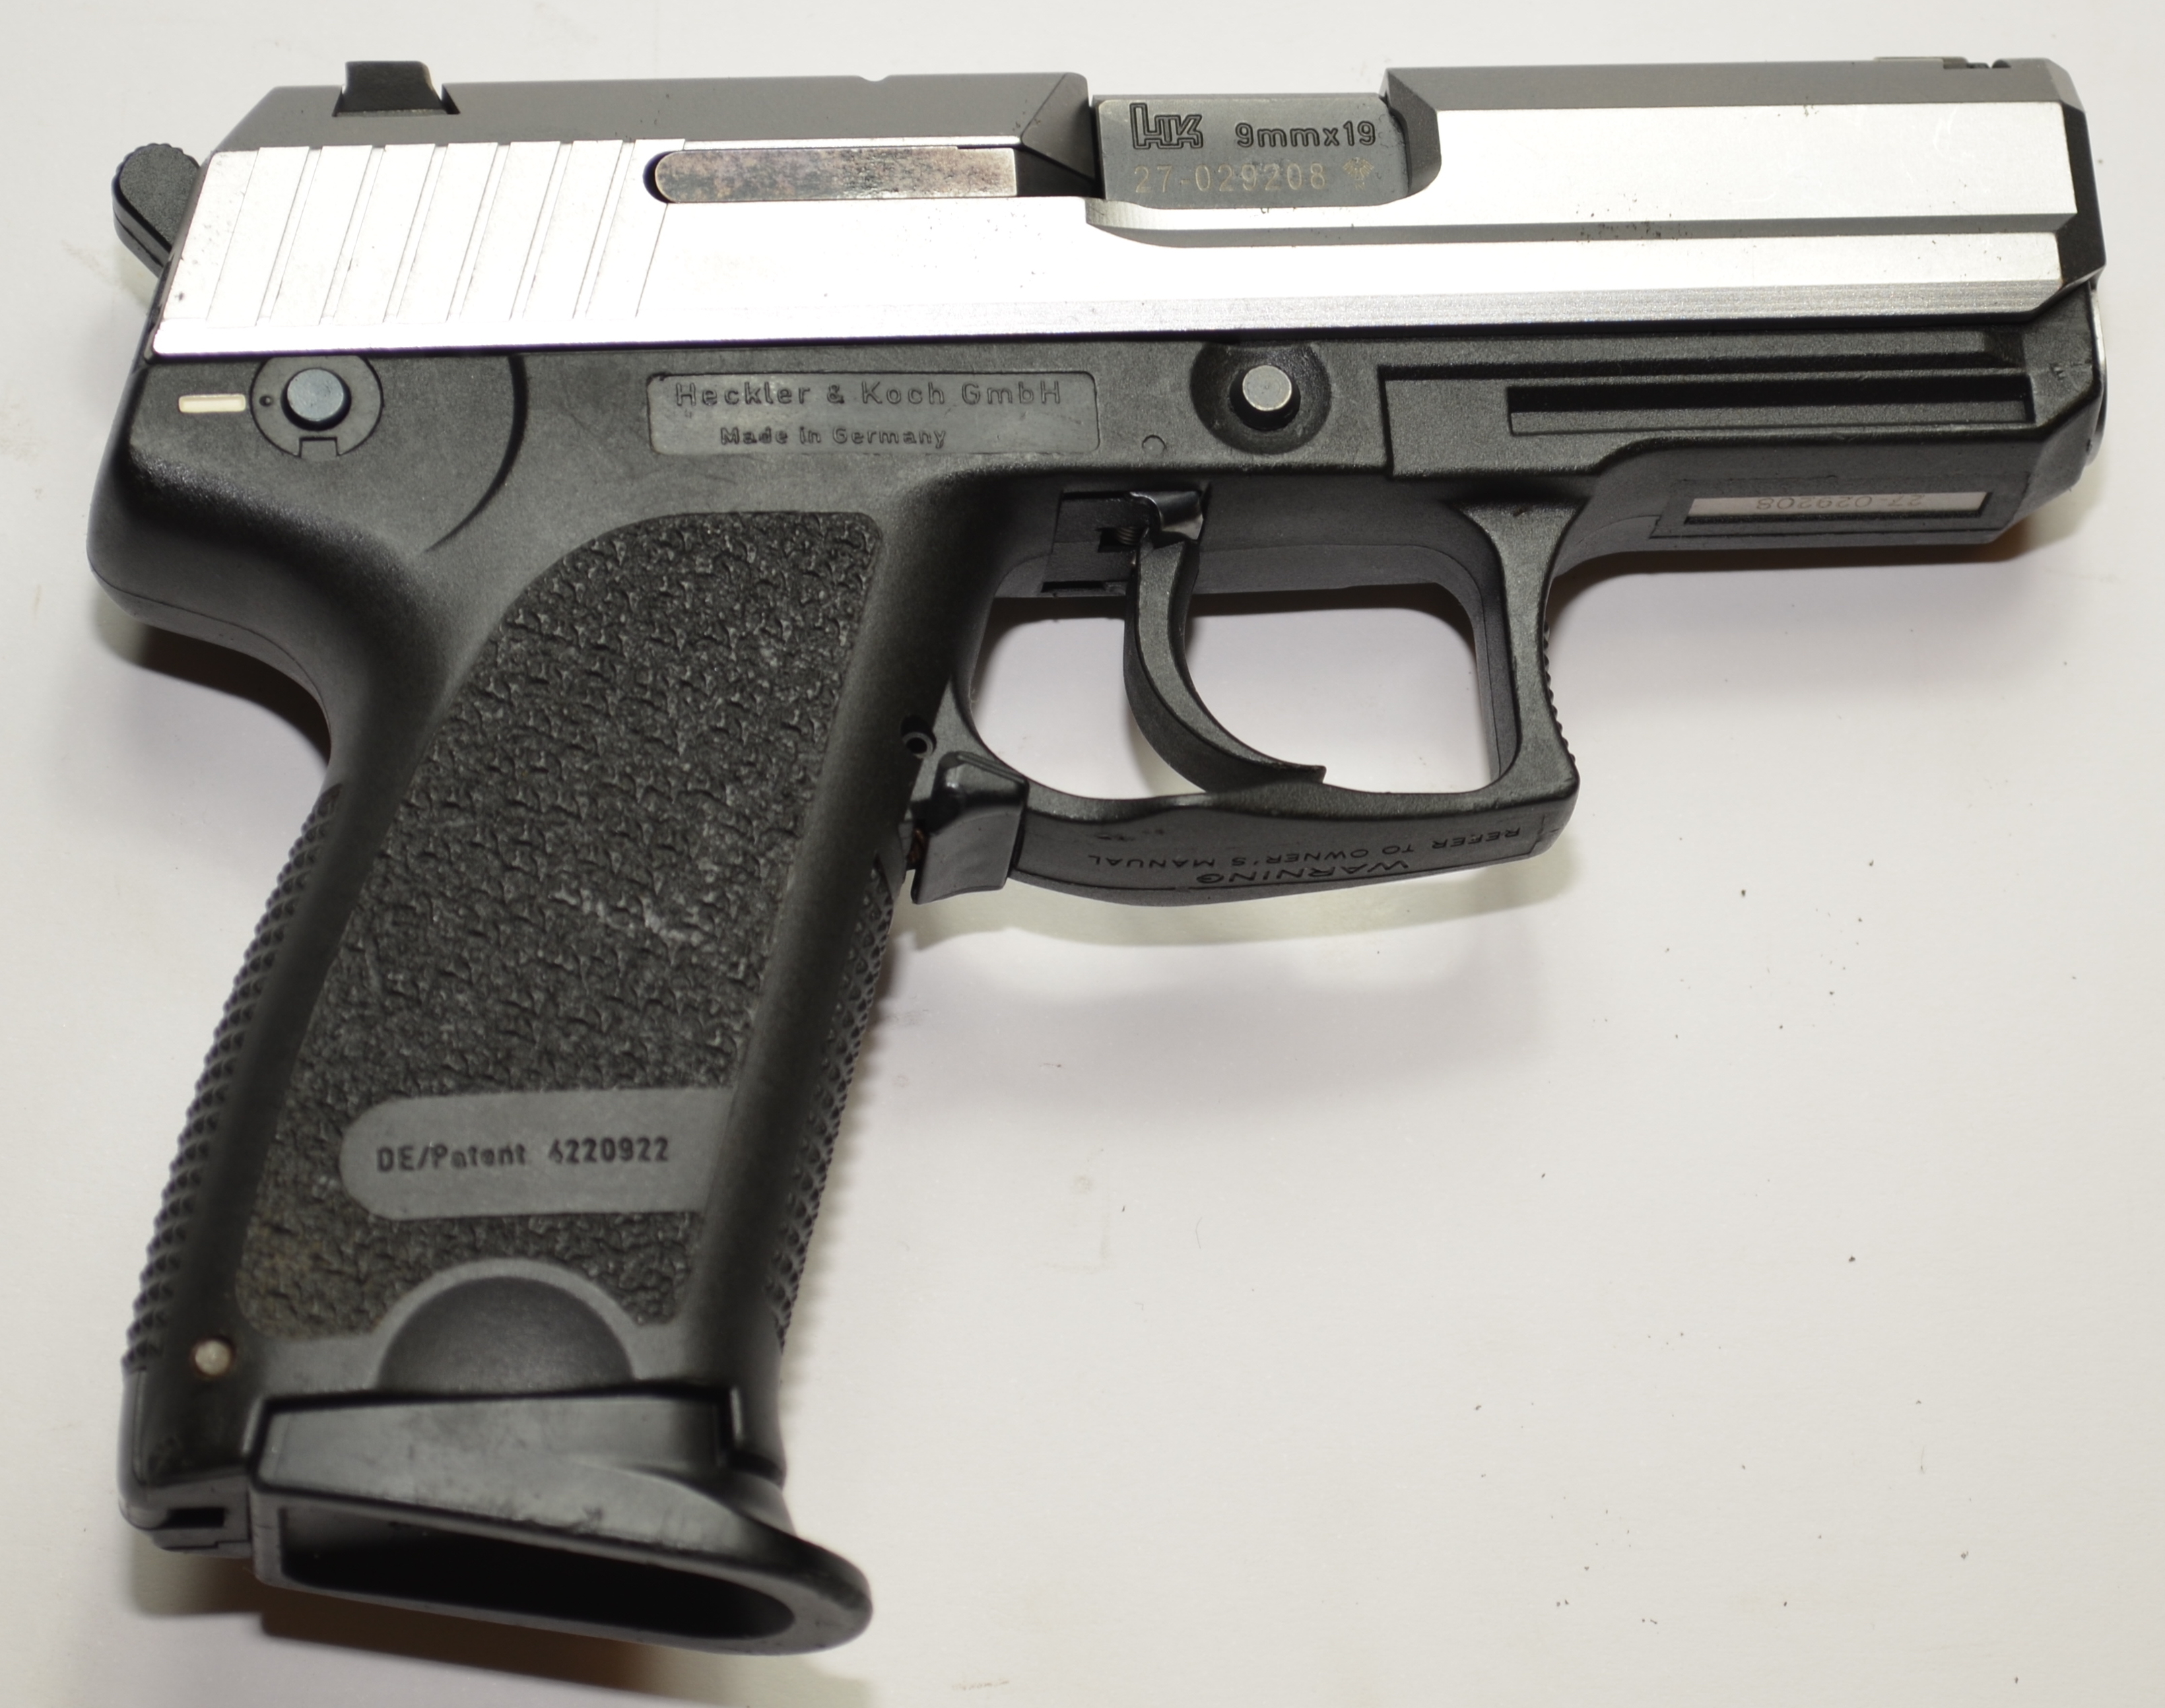 HK USP compact silver slide